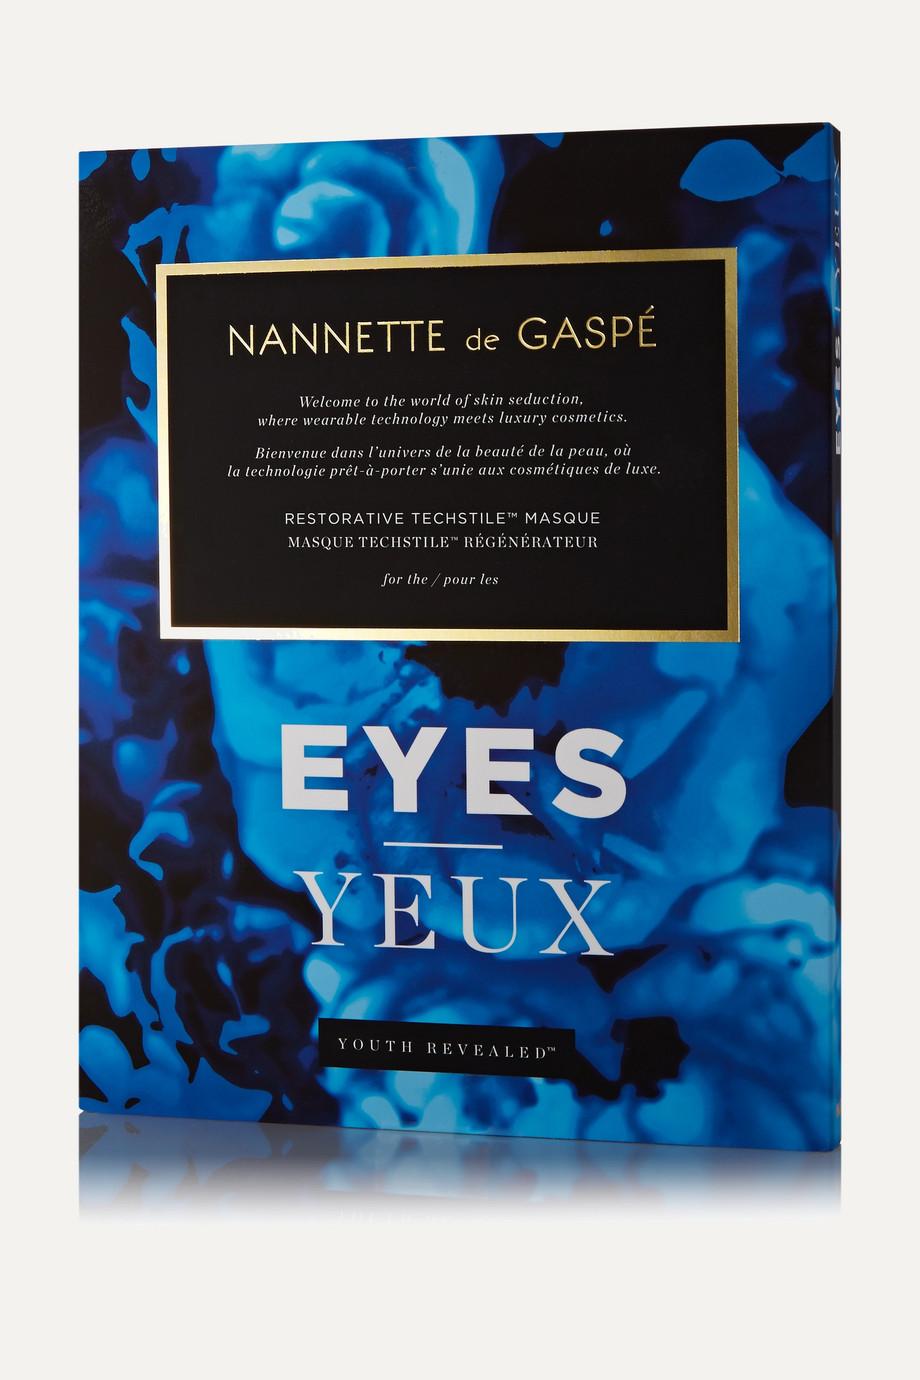 Nannette de Gaspé Restorative Techstile Eye Masque